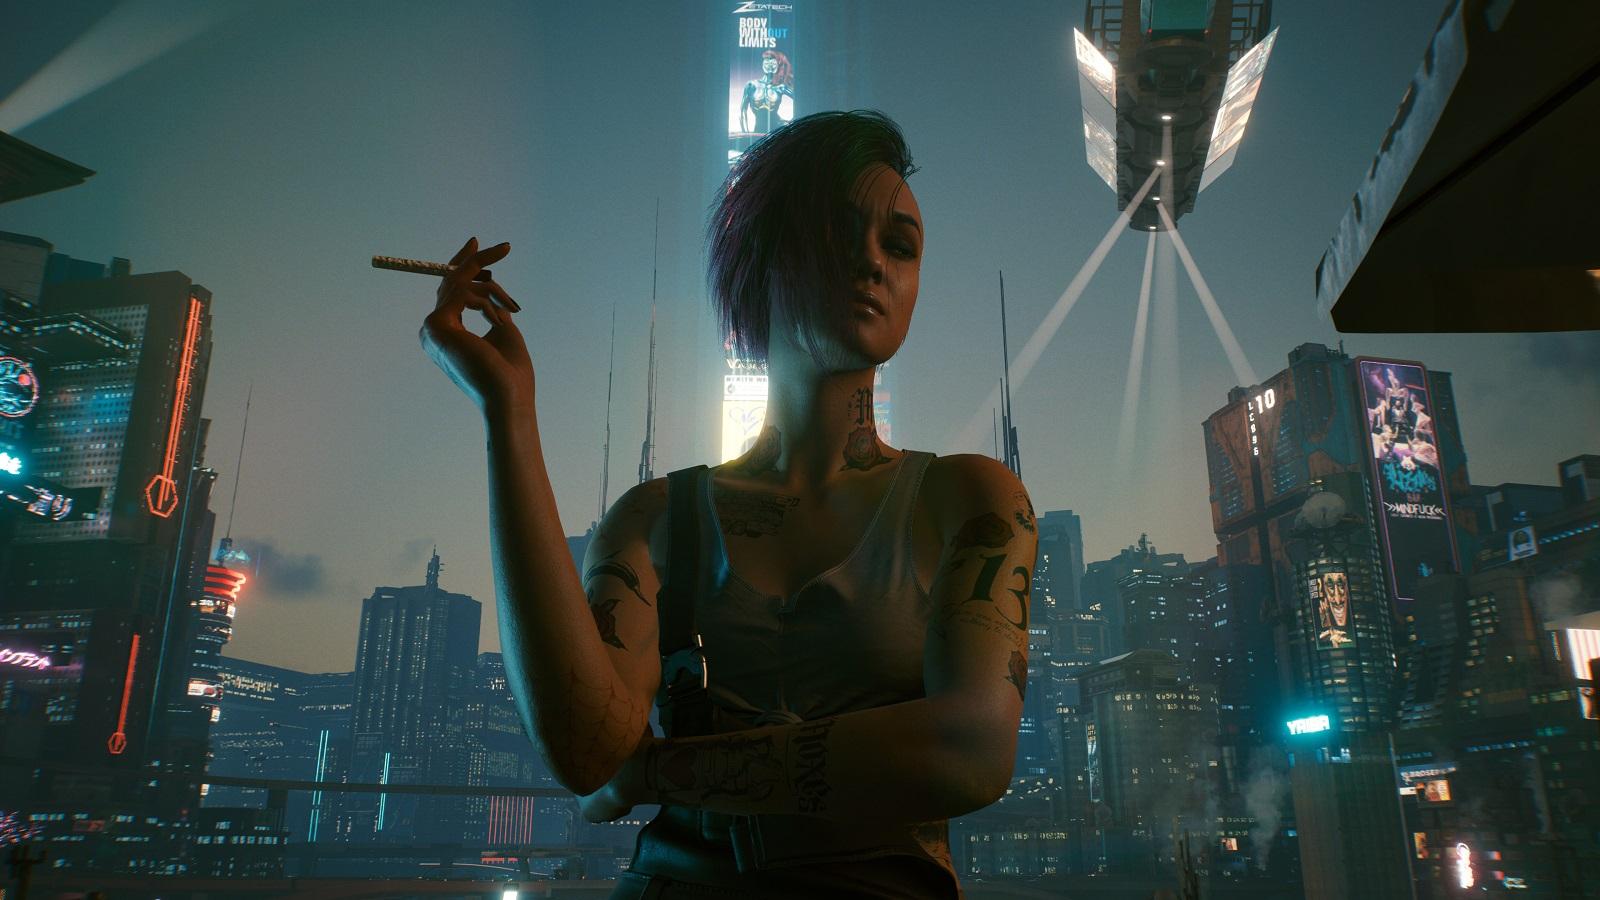 Первое бесплатное дополнение к Cyberpunk 2077 расскажет «новую историю о Найт-Сити» — подробности уже скоро